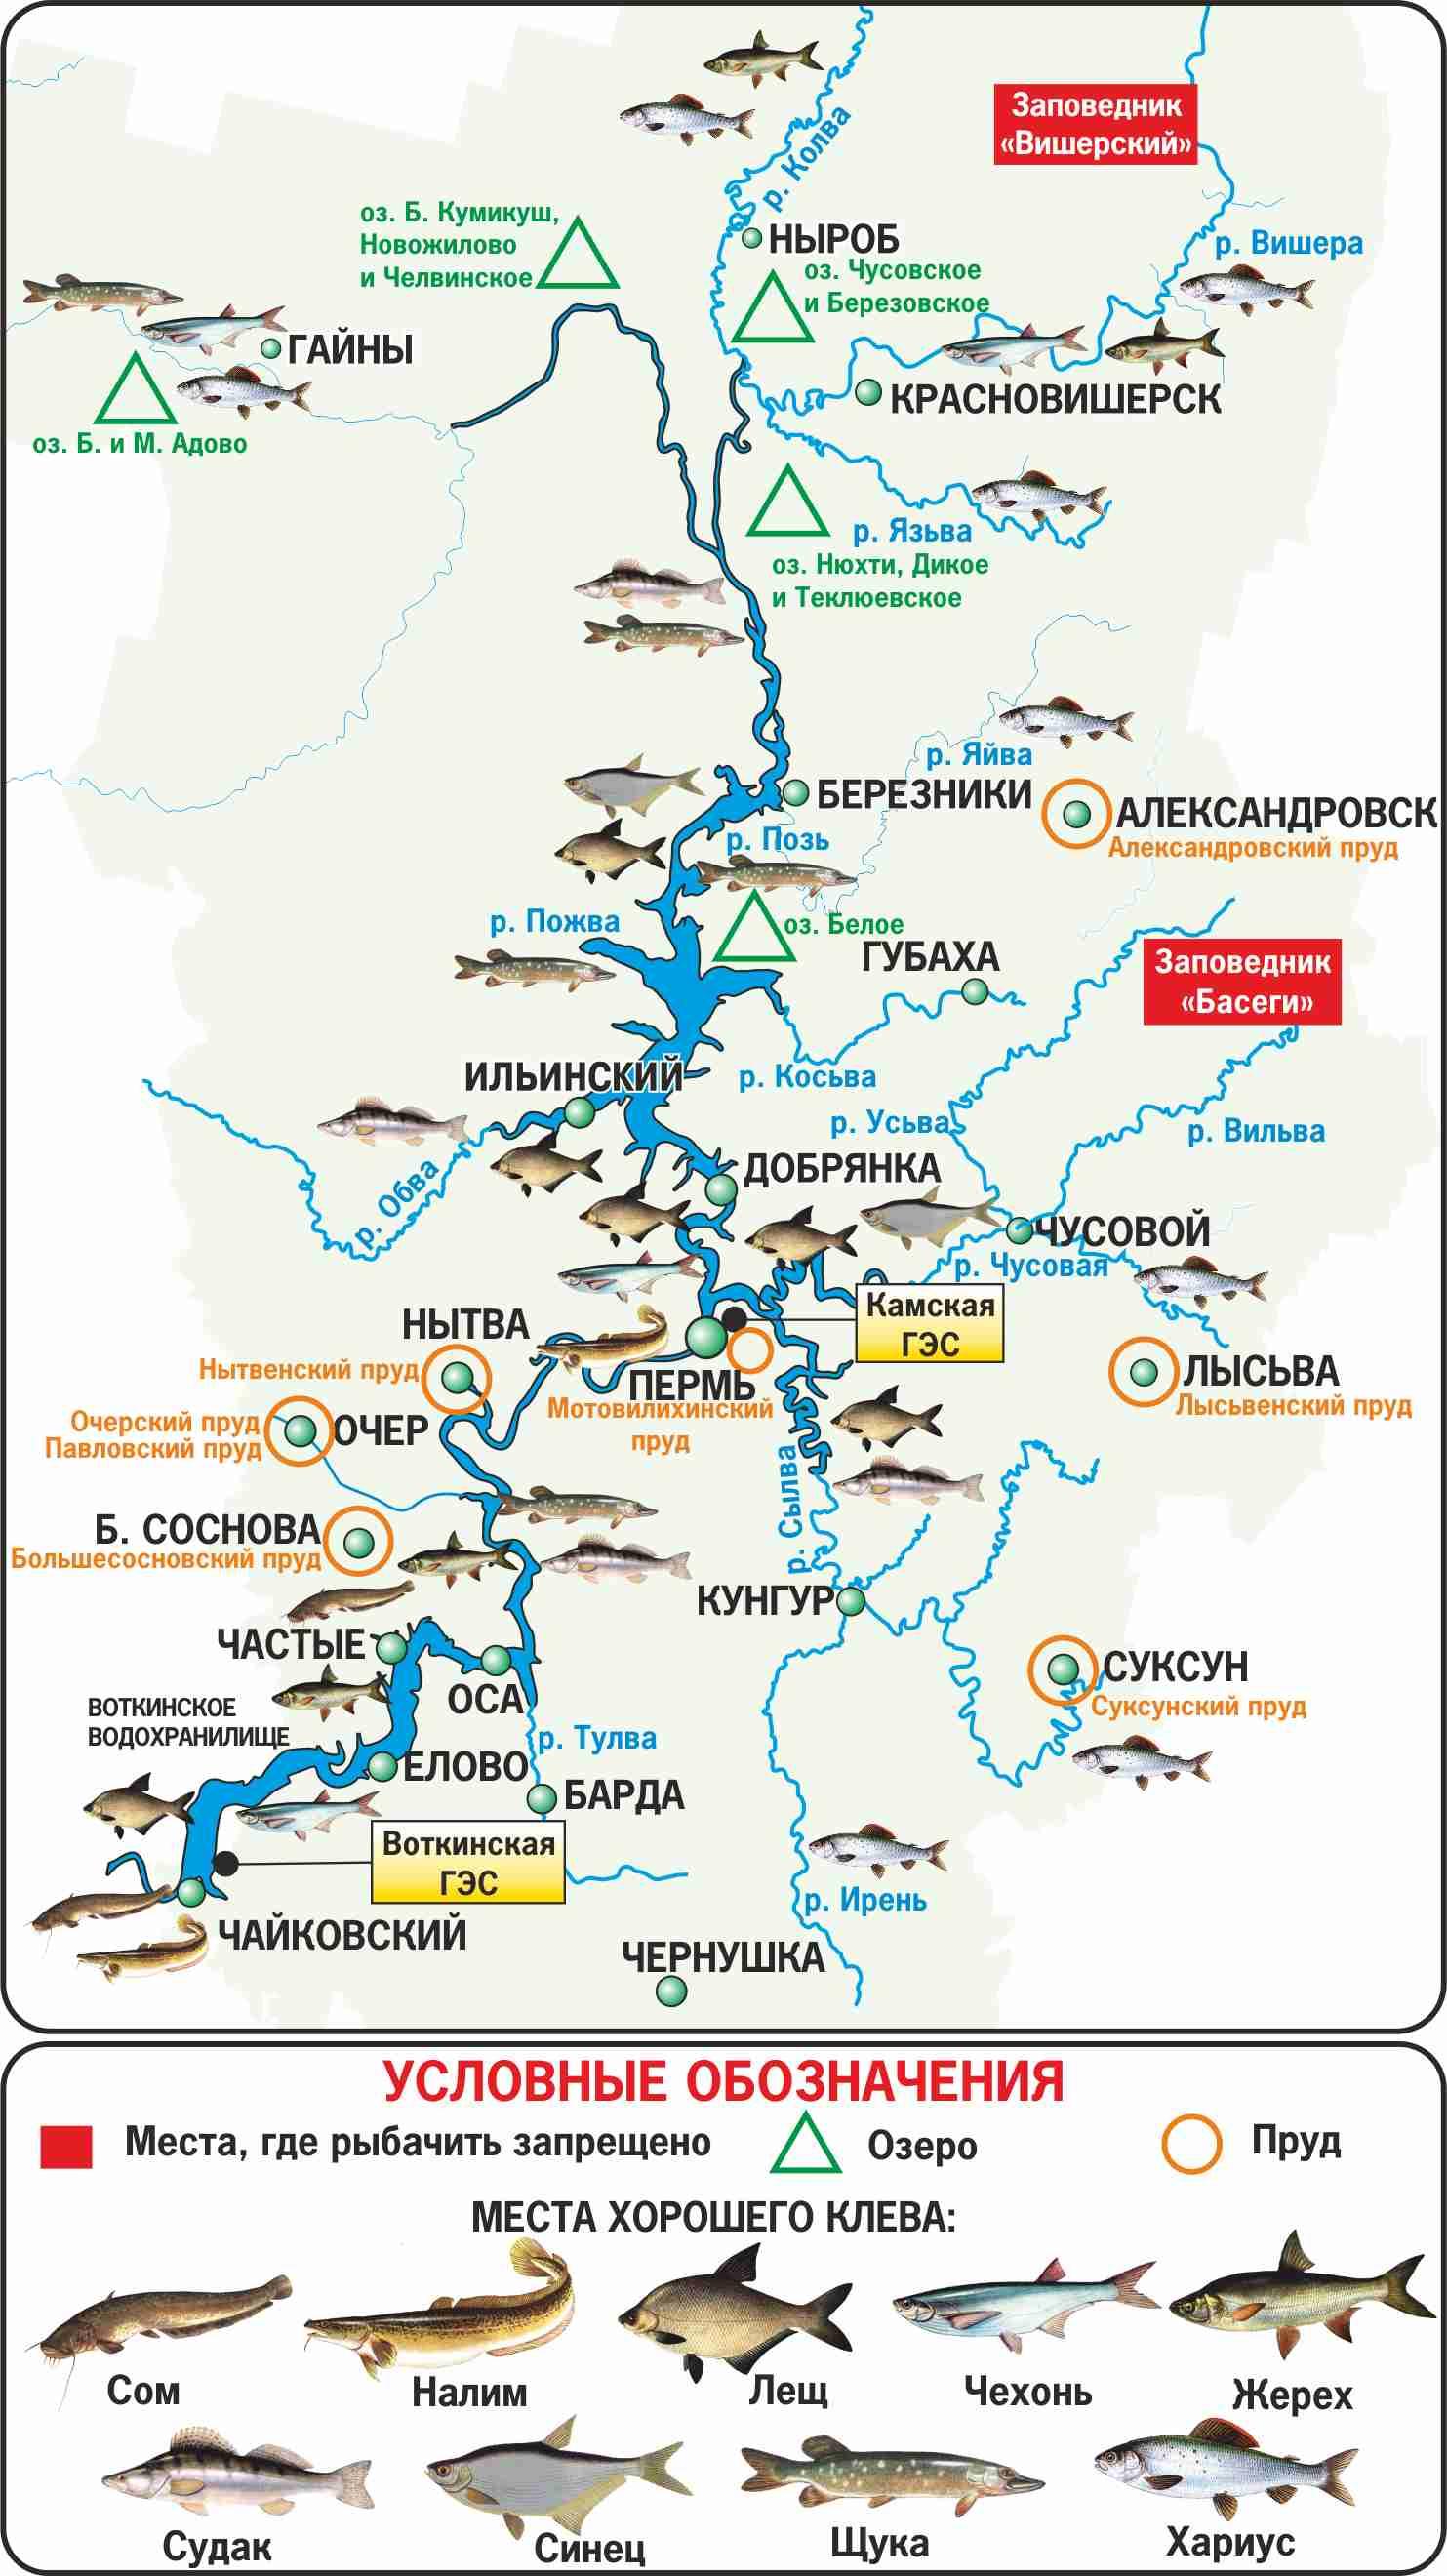 Озернинское водохранилище: рыбалка и отдых на вдхр, какая рыба водится, какие места можно назвать рыбными